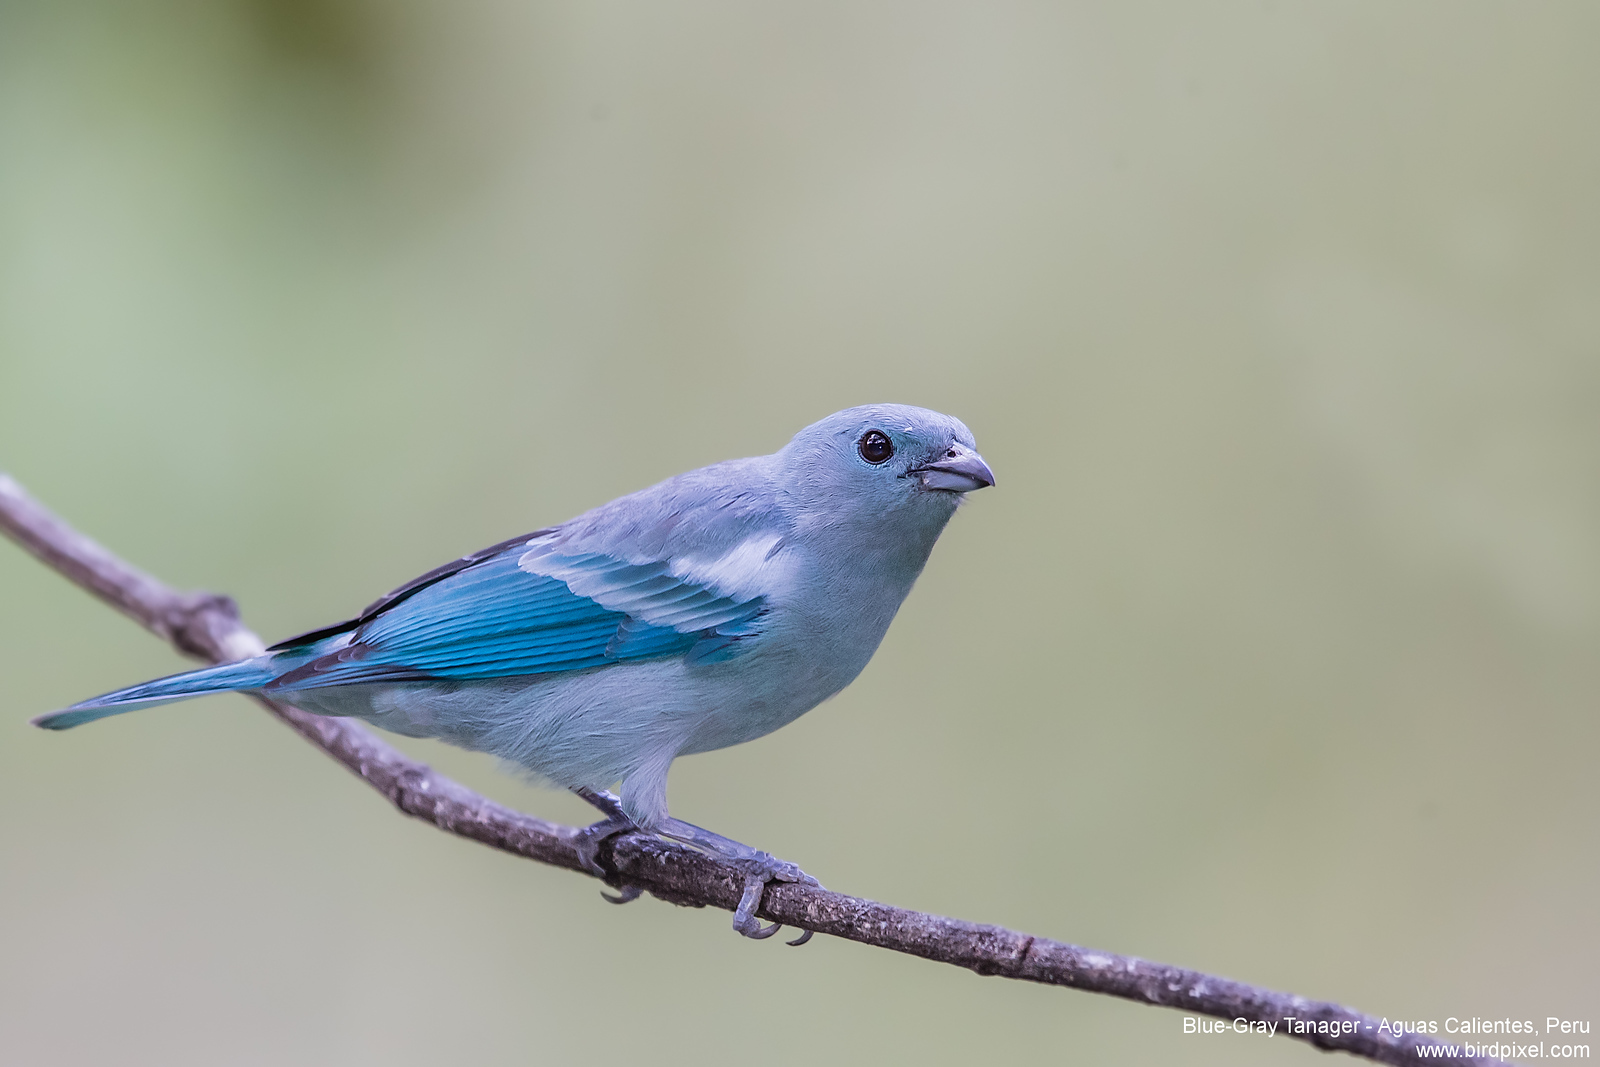 Blue-Gray Tanager - Aguas Calientes, Peru